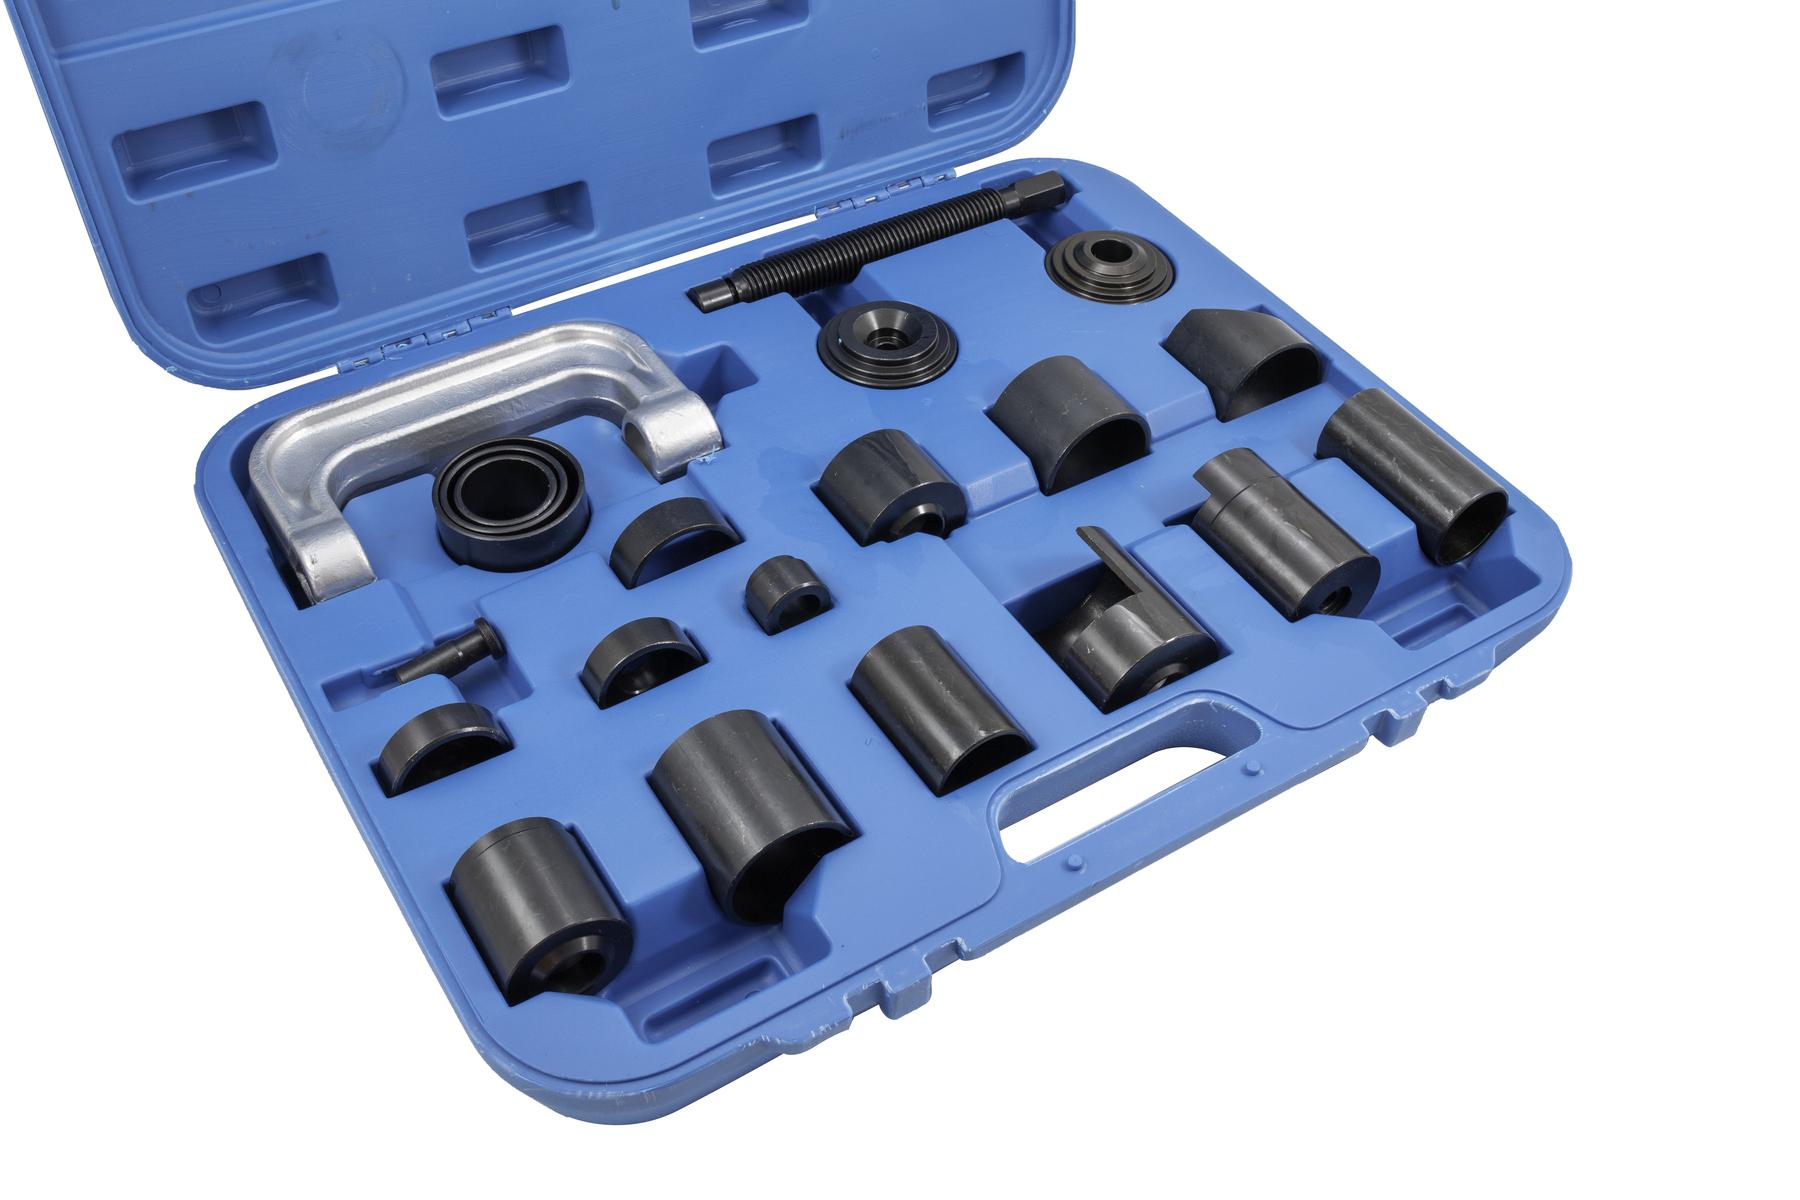 Stahovák kulových čepů a brzdových čelistí, 21 kusů - QUATROS QS12011